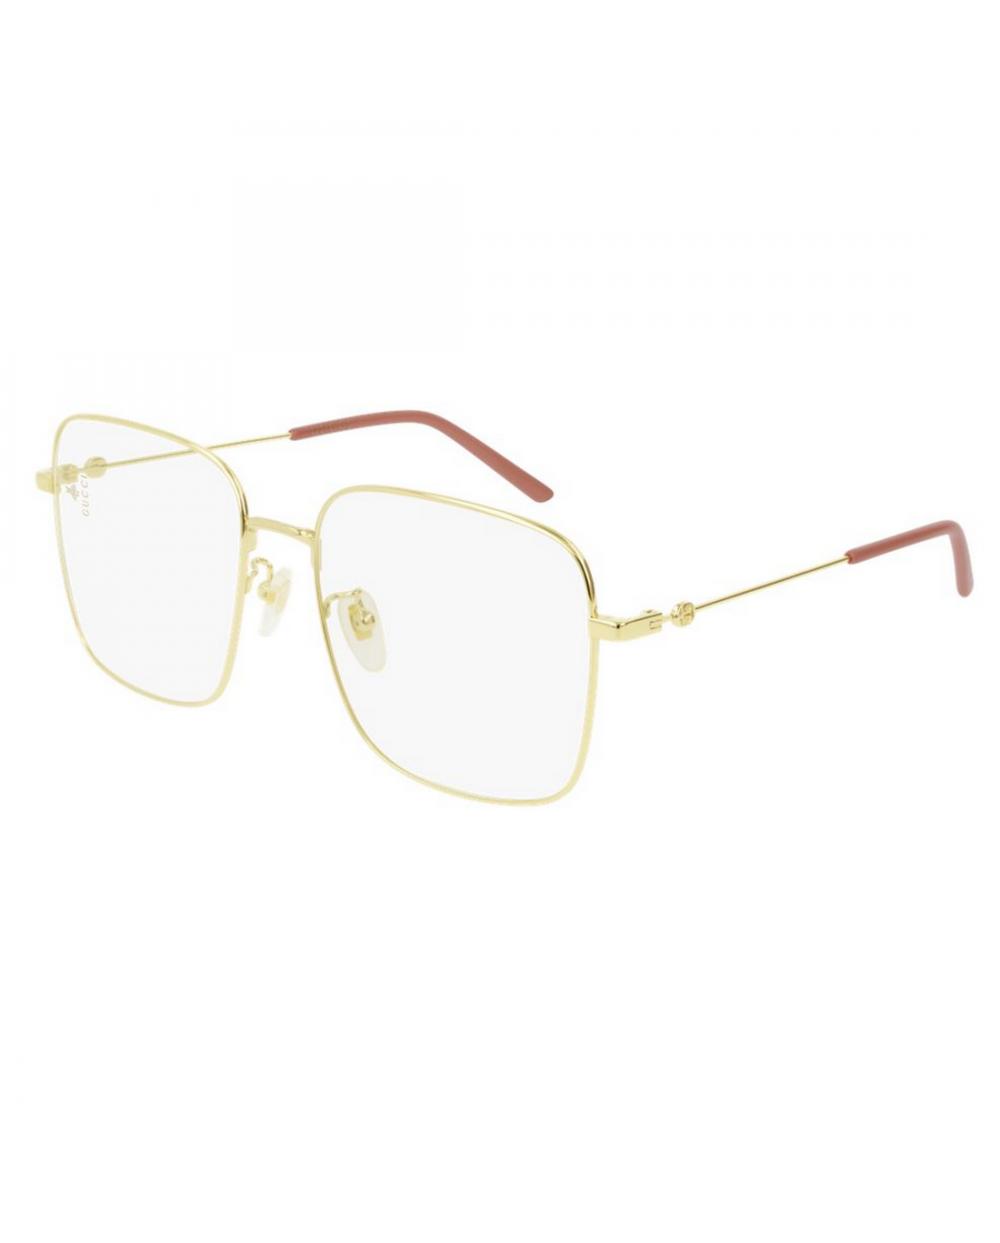 Occhiale da vista Gucci GG 0445O confezione originale garanzia italia